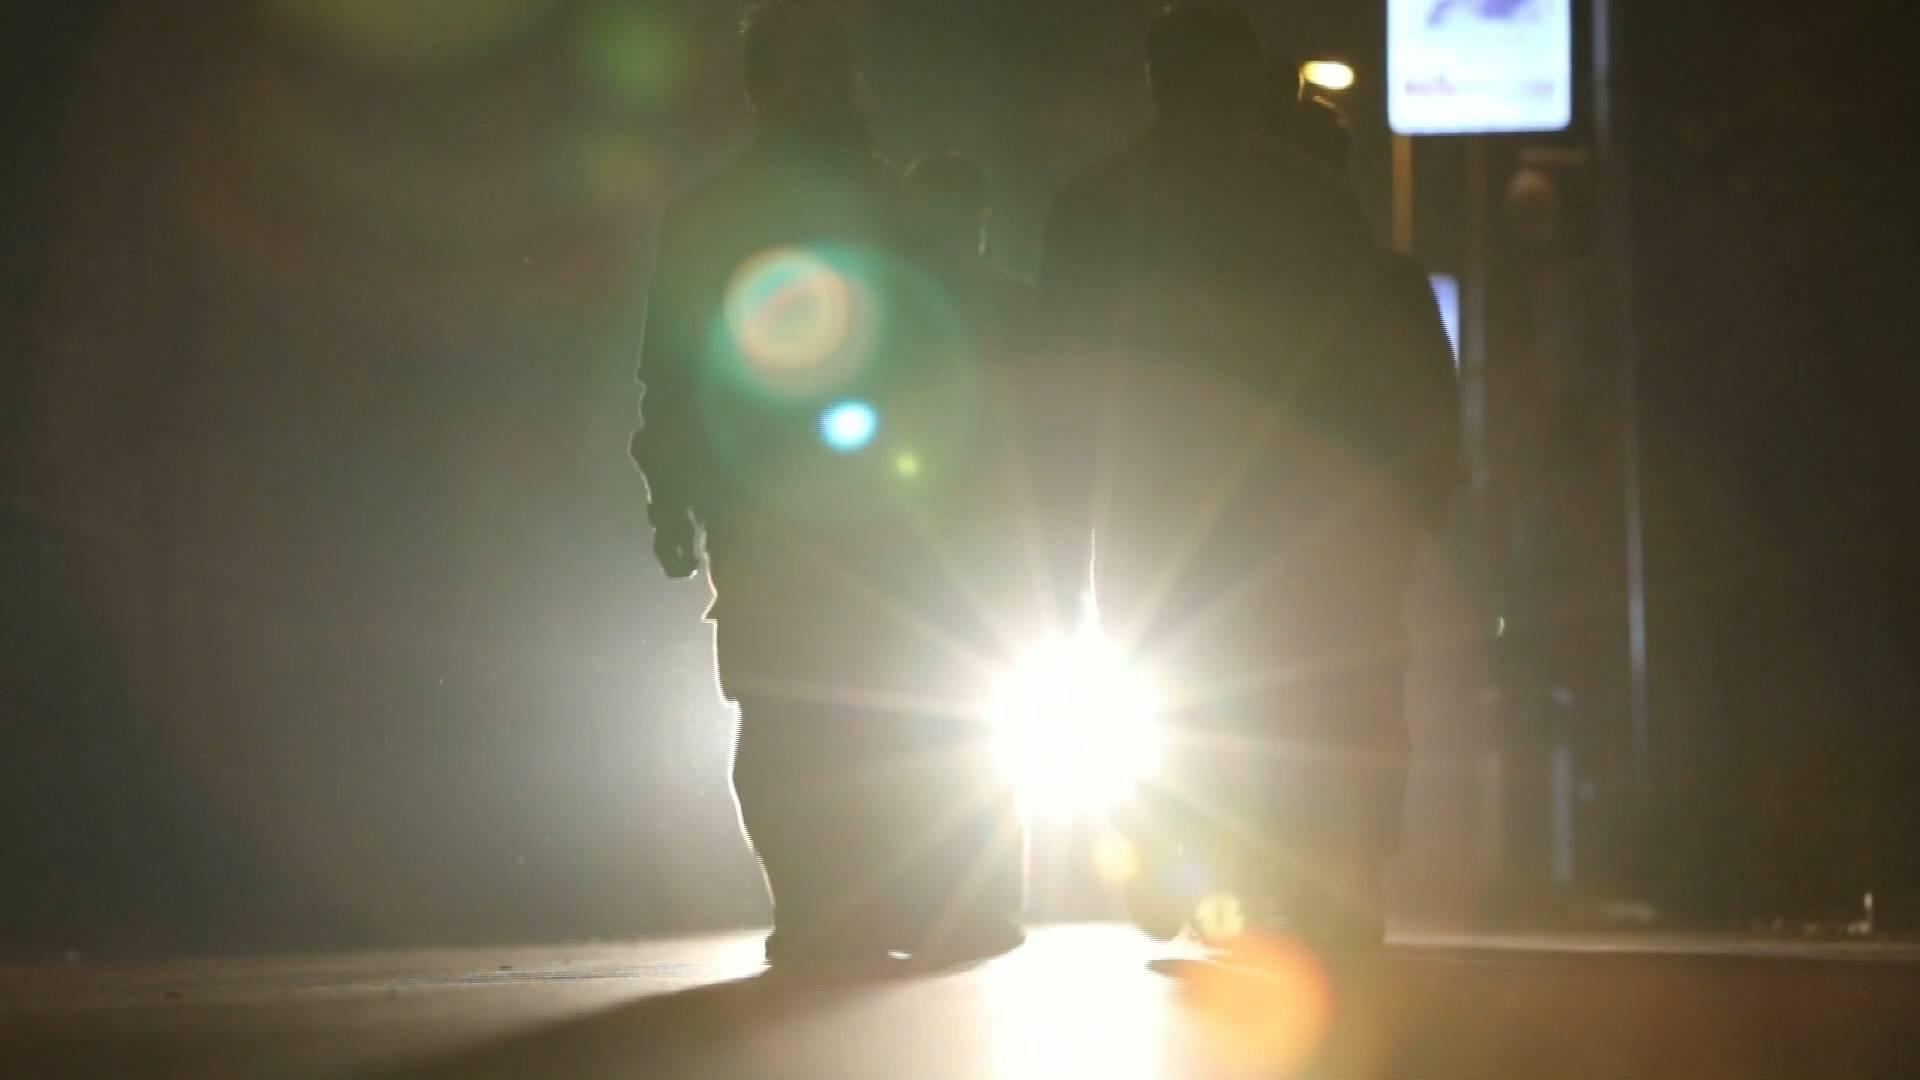 光影春运夜 127秒视频记录灯光落幕后的高铁列车守护者